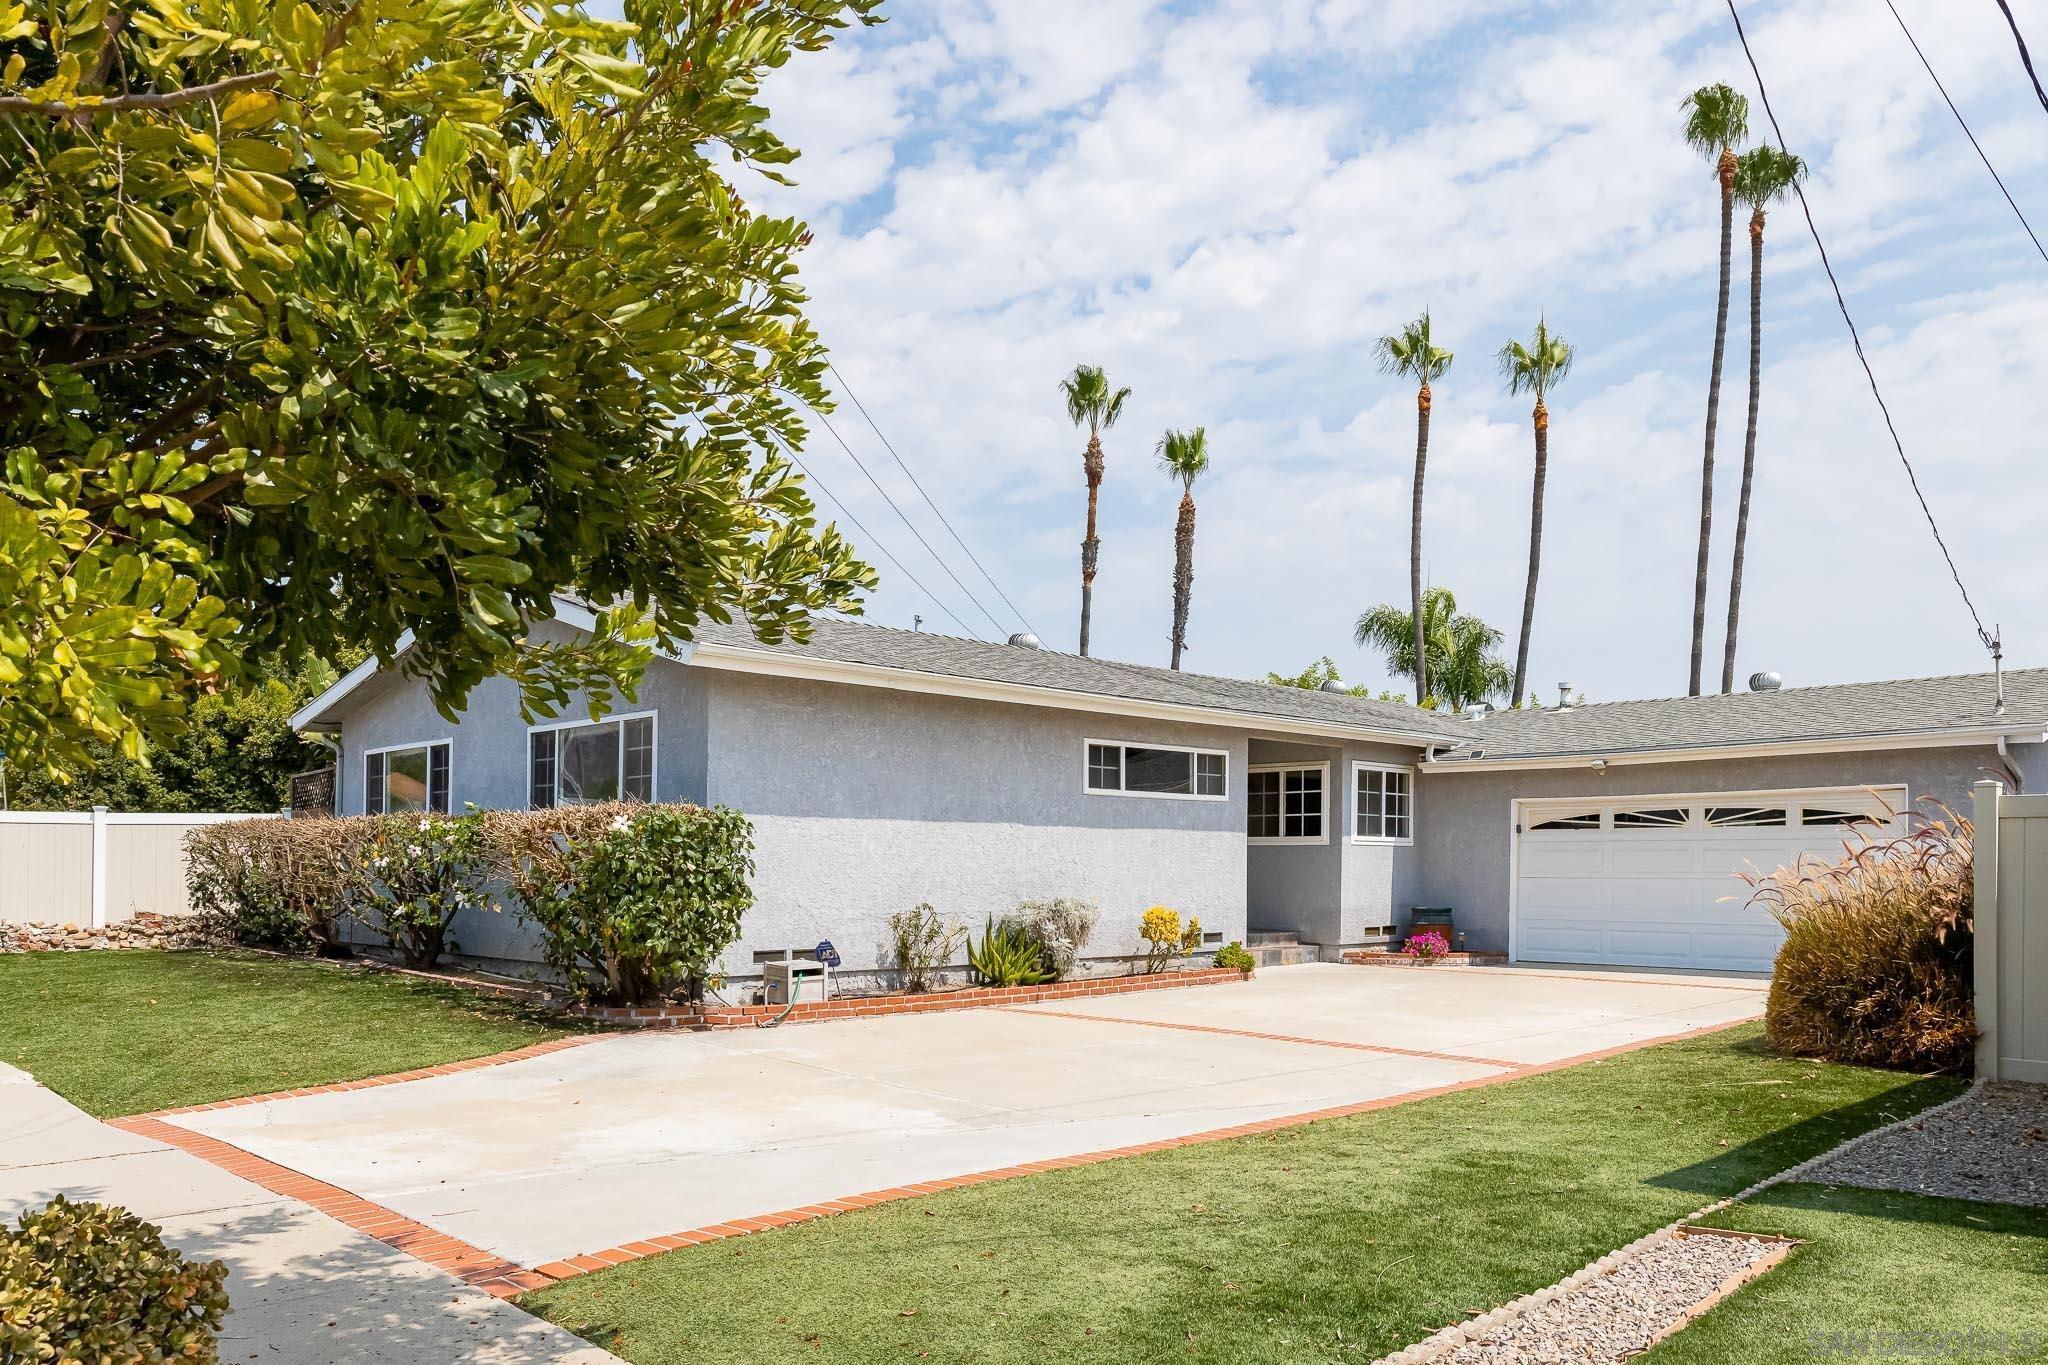 6235 Twin Lake Dr, La Mesa, CA 91942